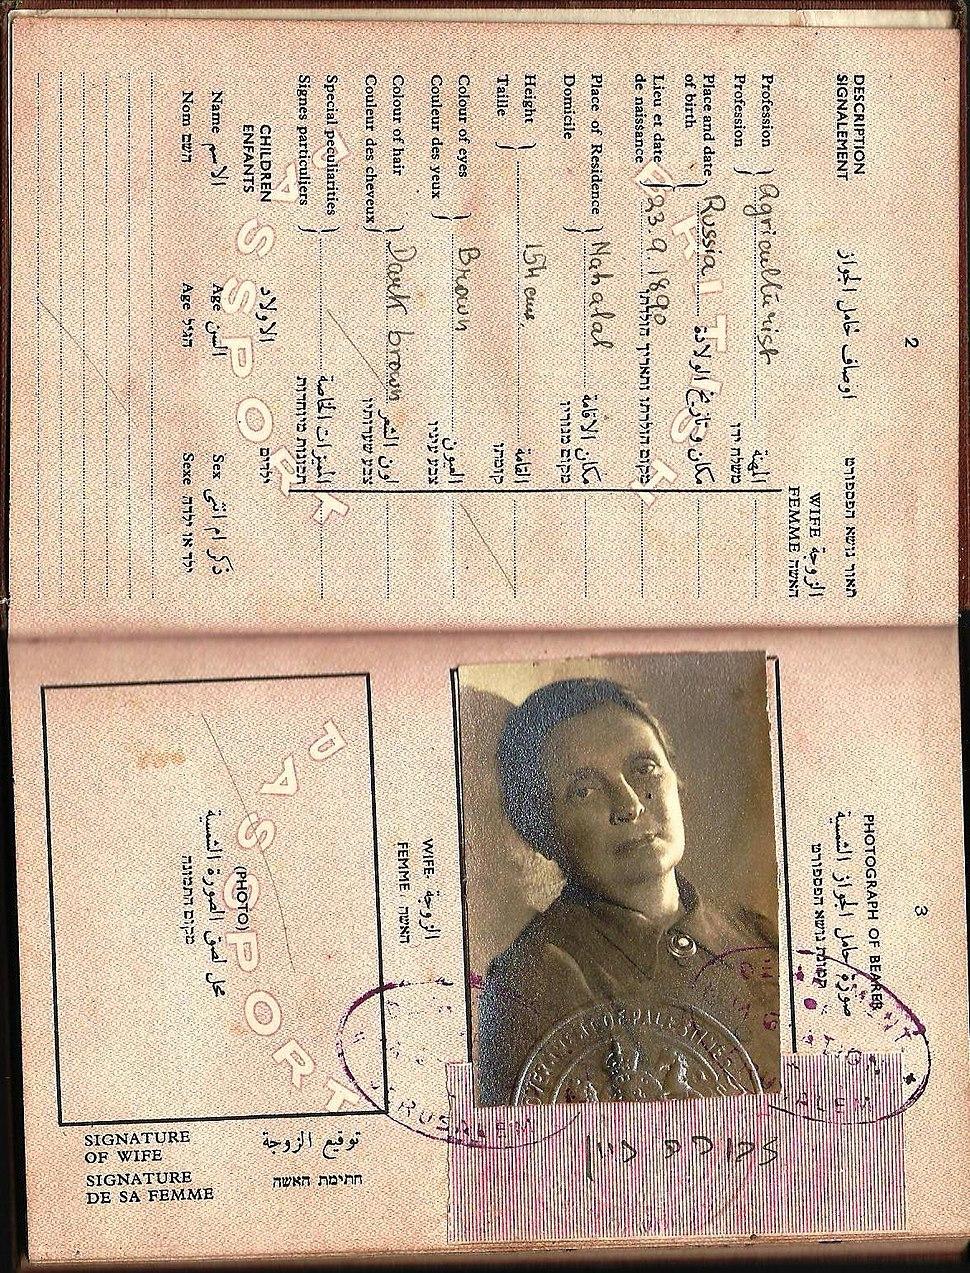 1946 PASSPORT